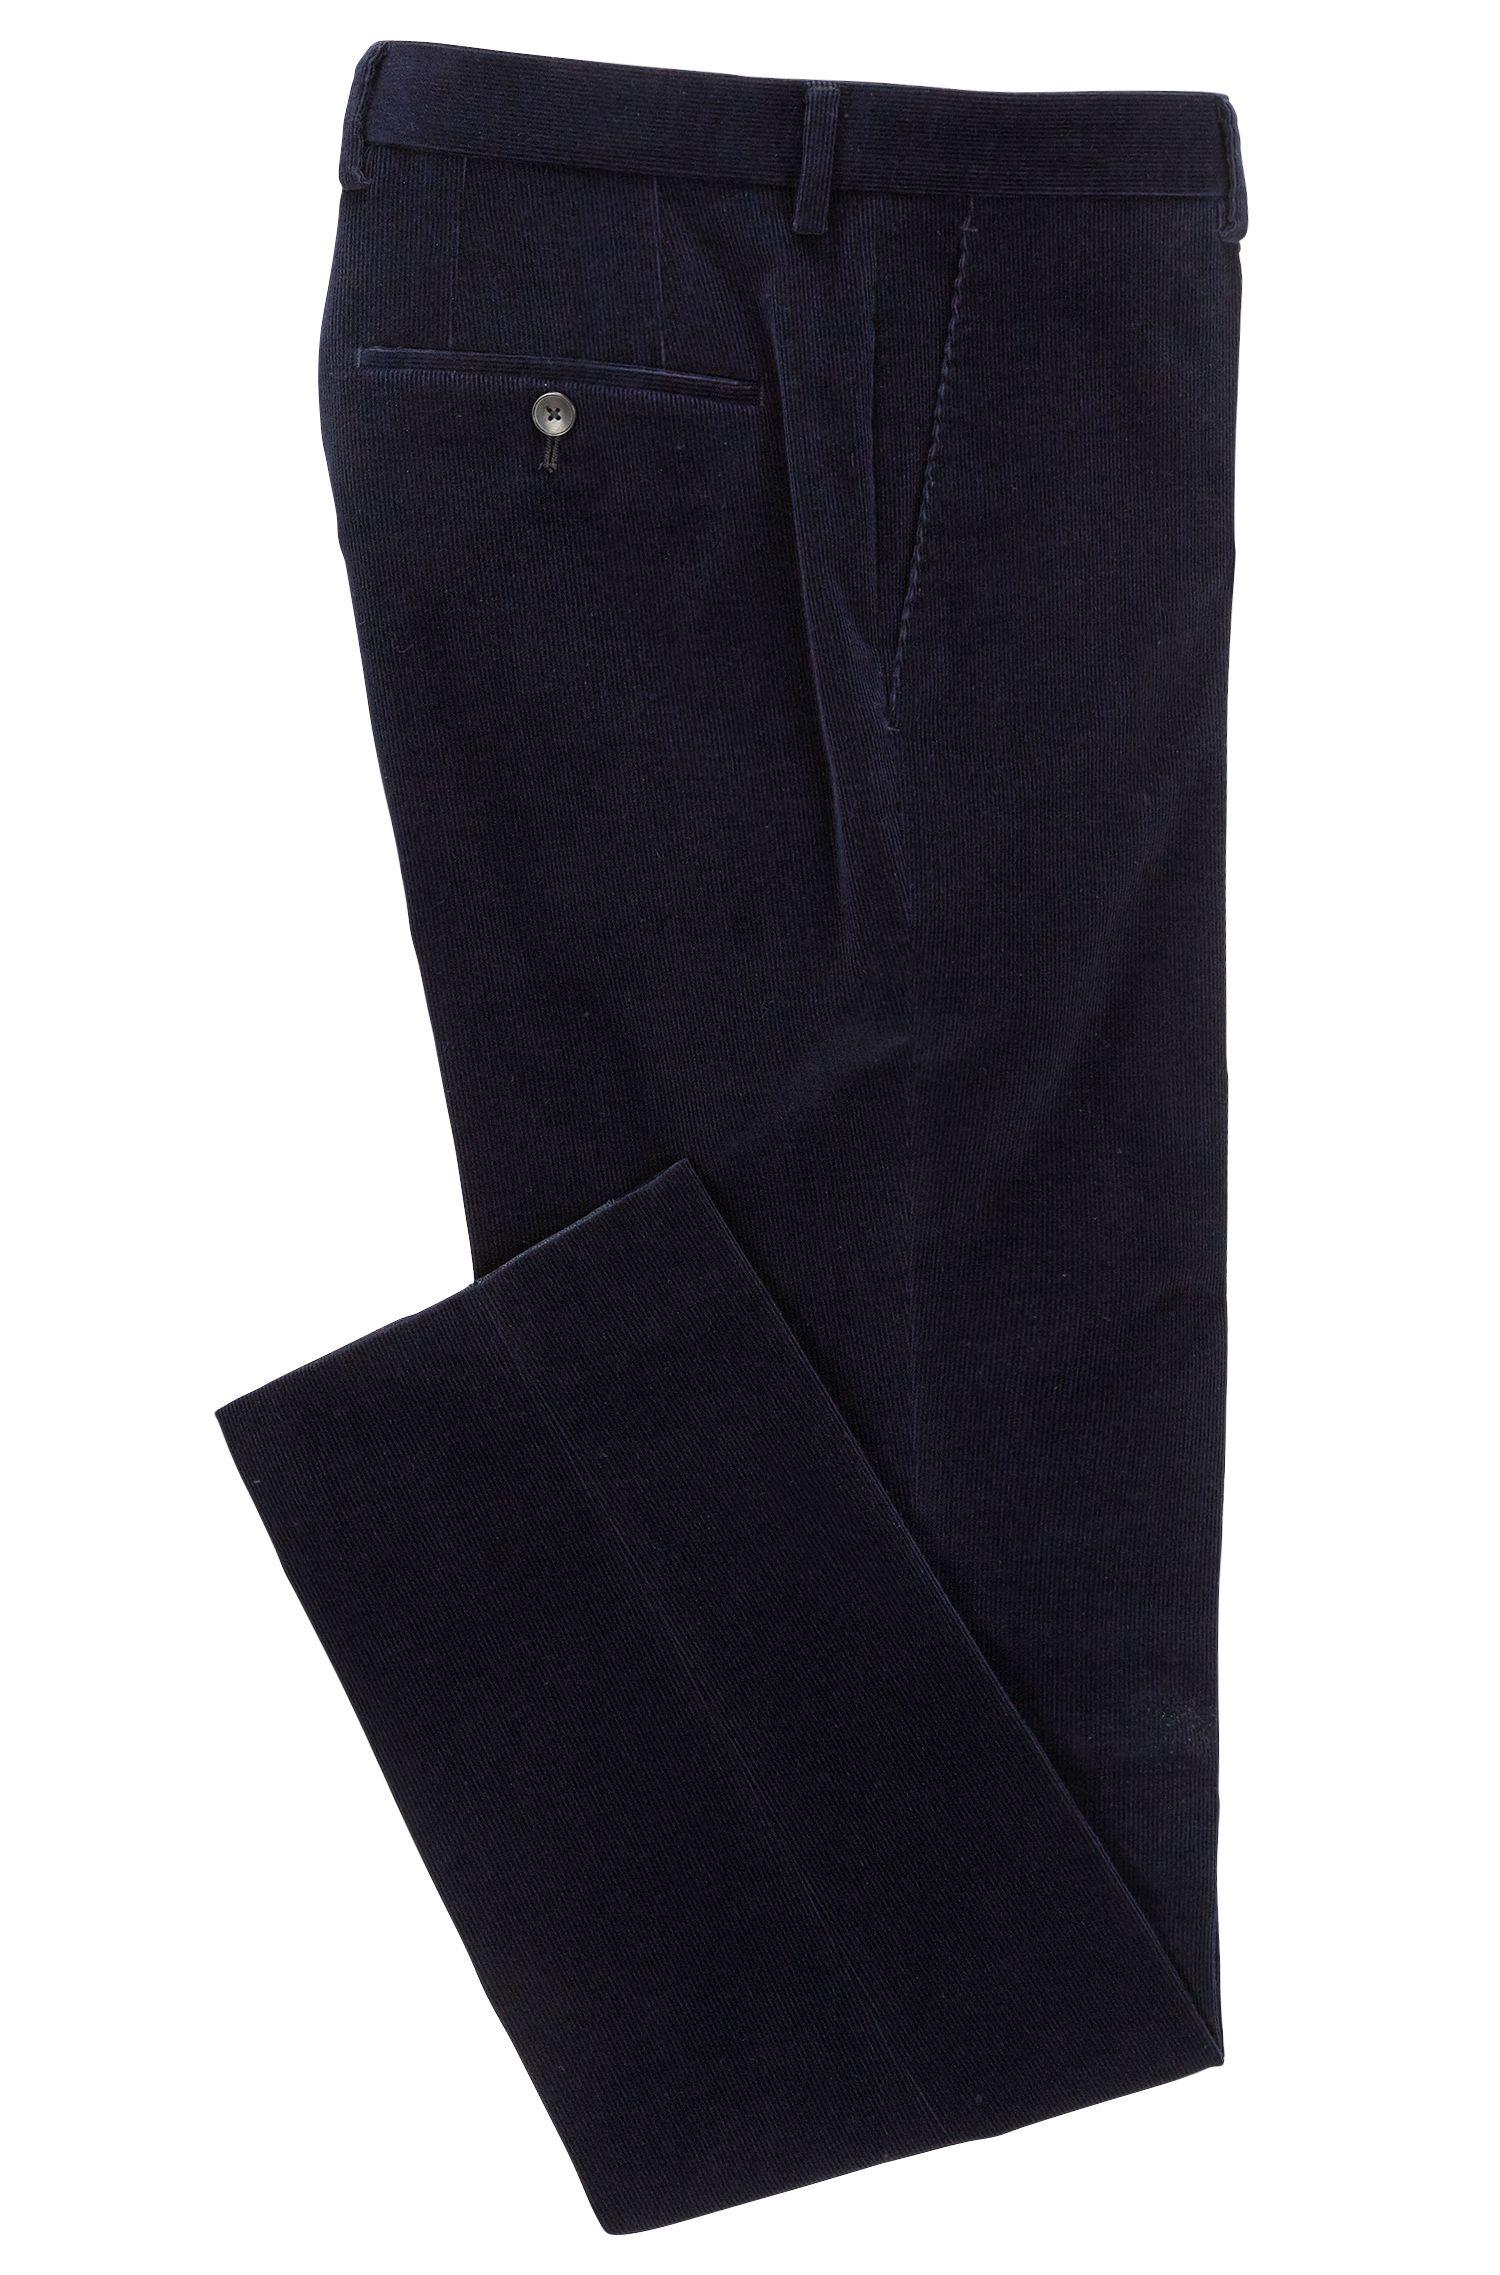 Corduroy Dress Pant, Slim Fit | Genesis